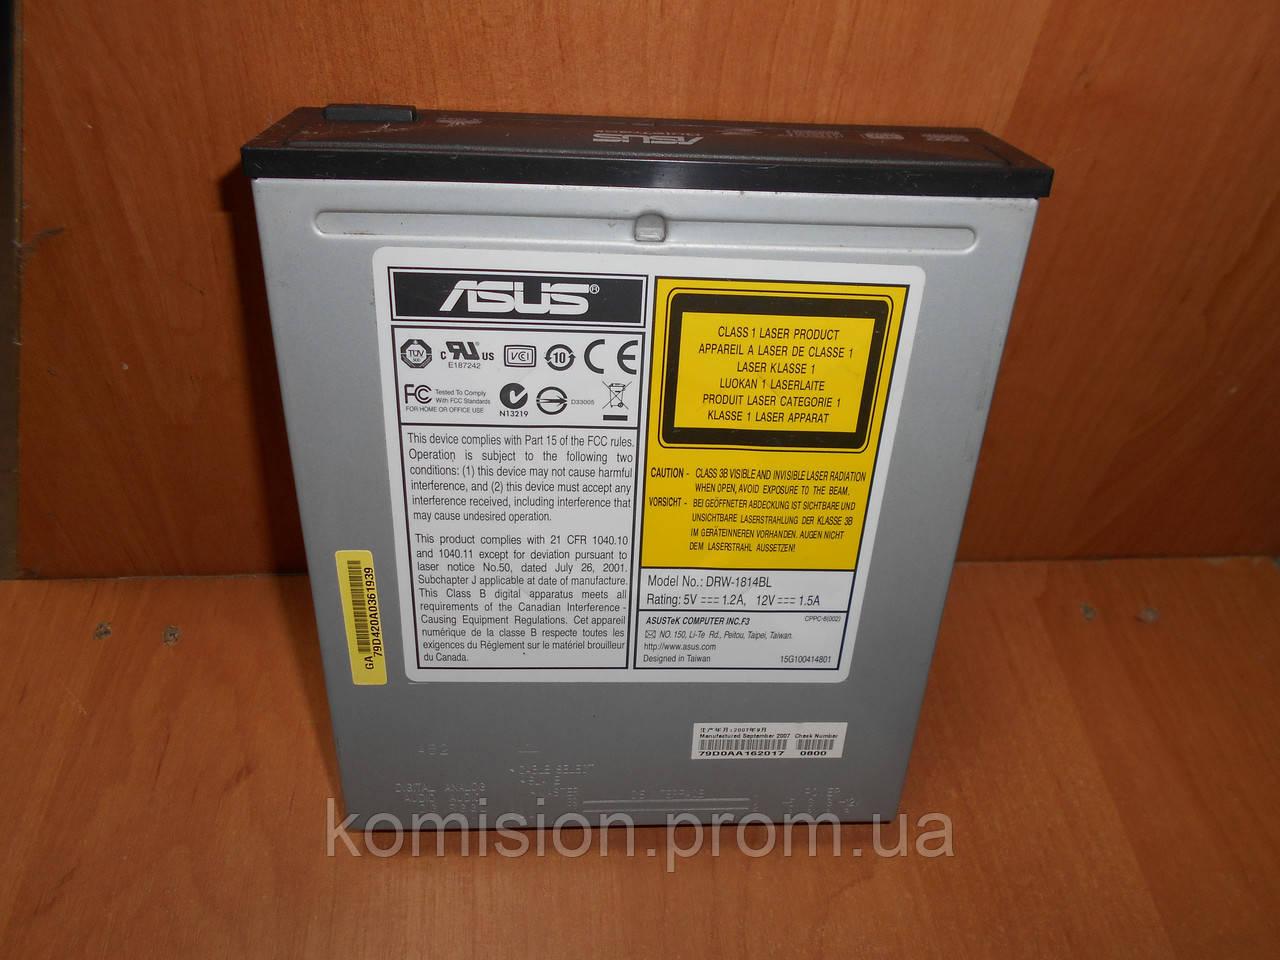 Привод DVD-RW ASUS IDE для компьютера